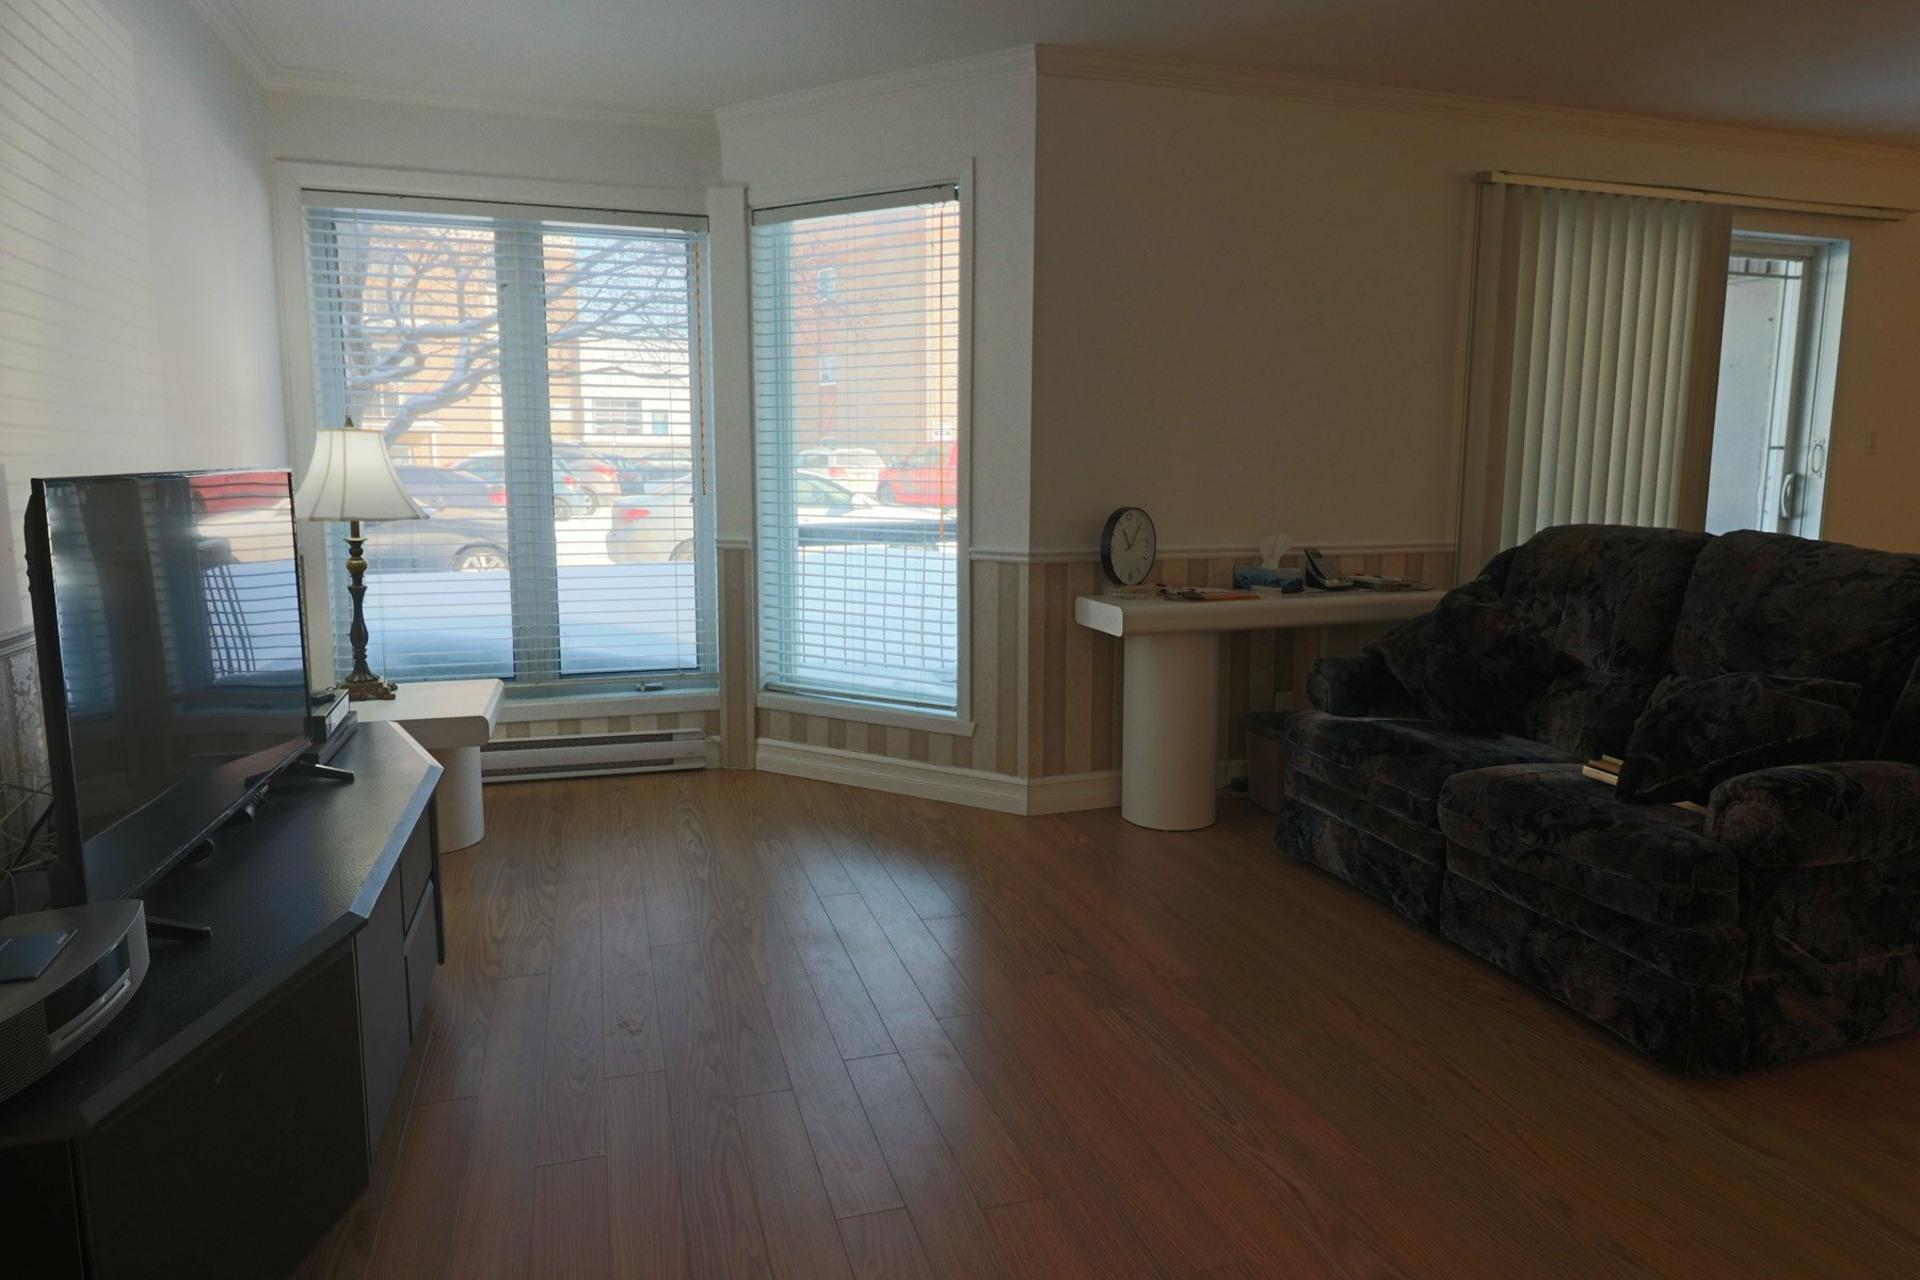 image 4 - Appartement À vendre Trois-Rivières - 8 pièces